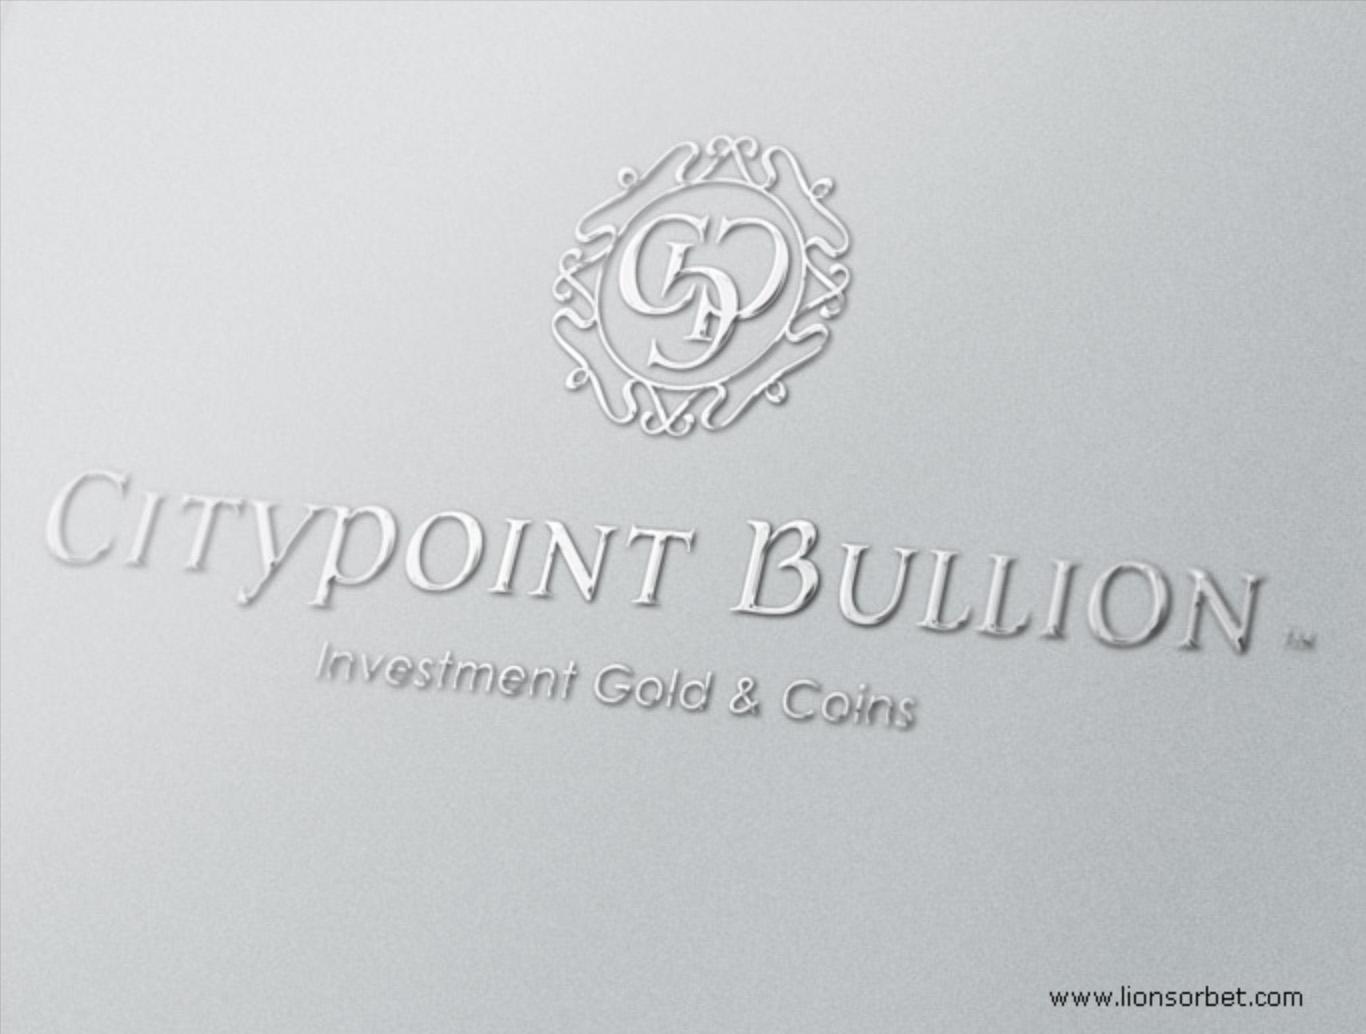 citypoint bullion.jpg